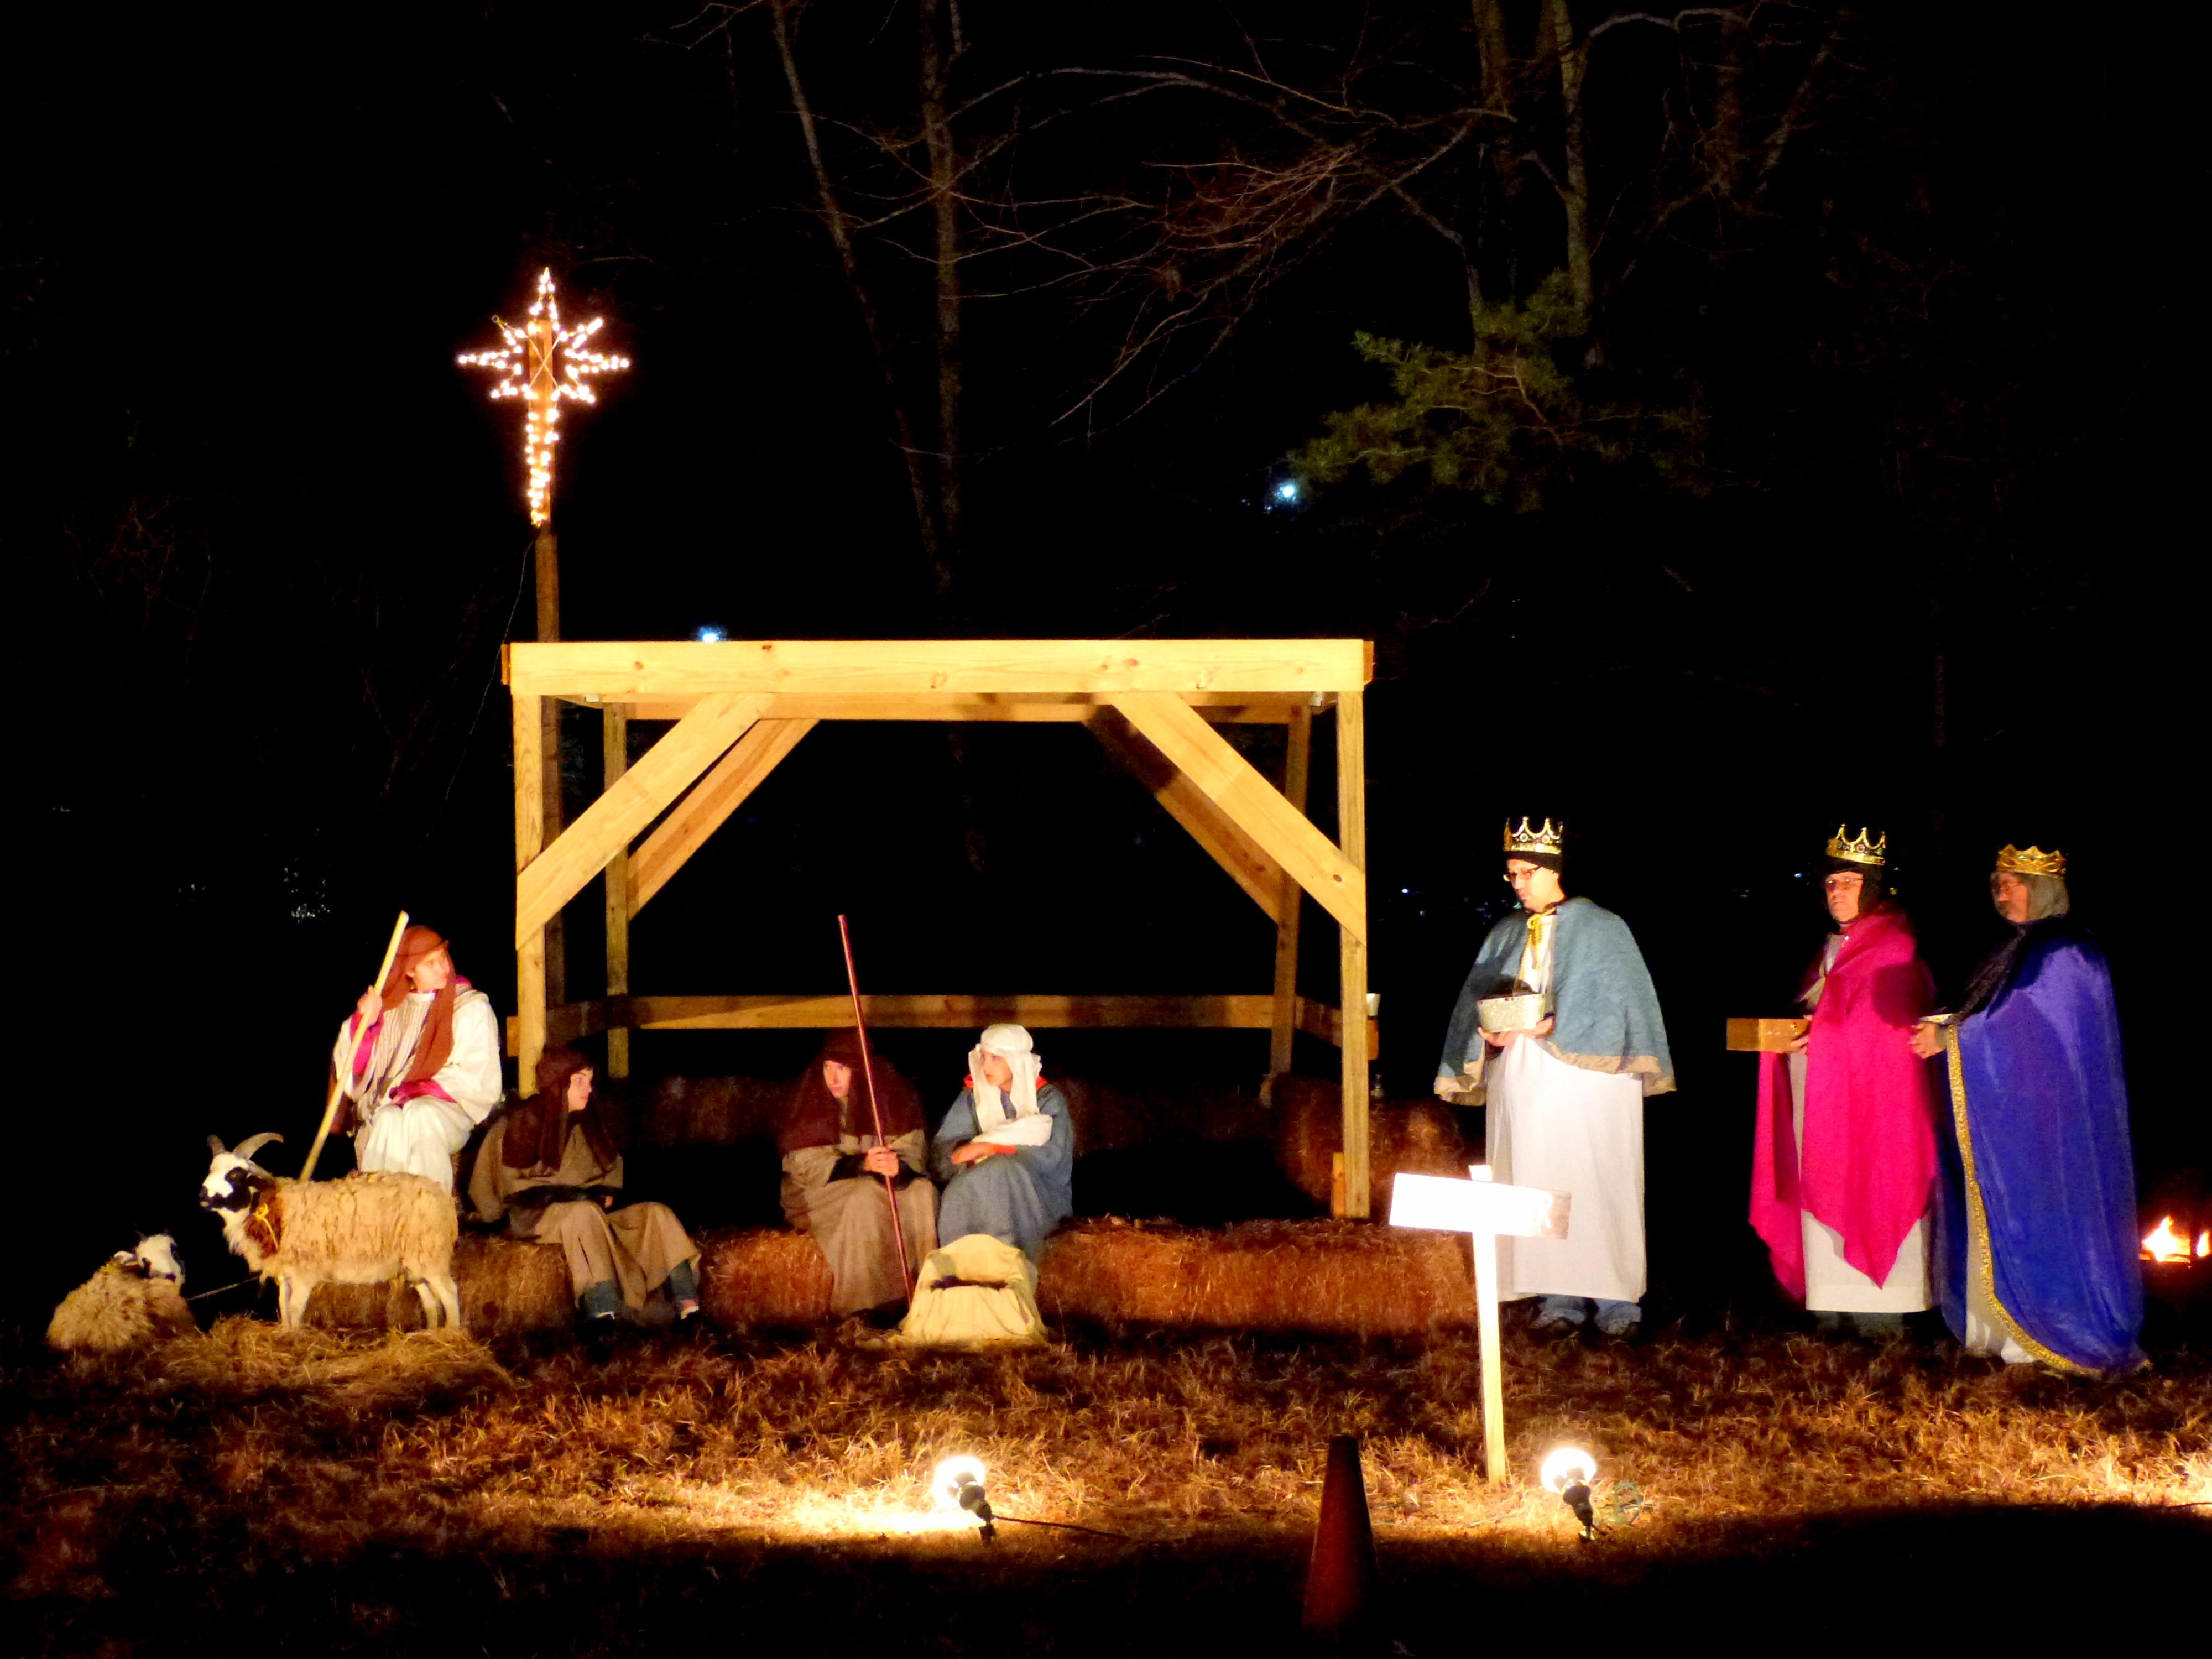 Live Nativity Christmas event Virginia